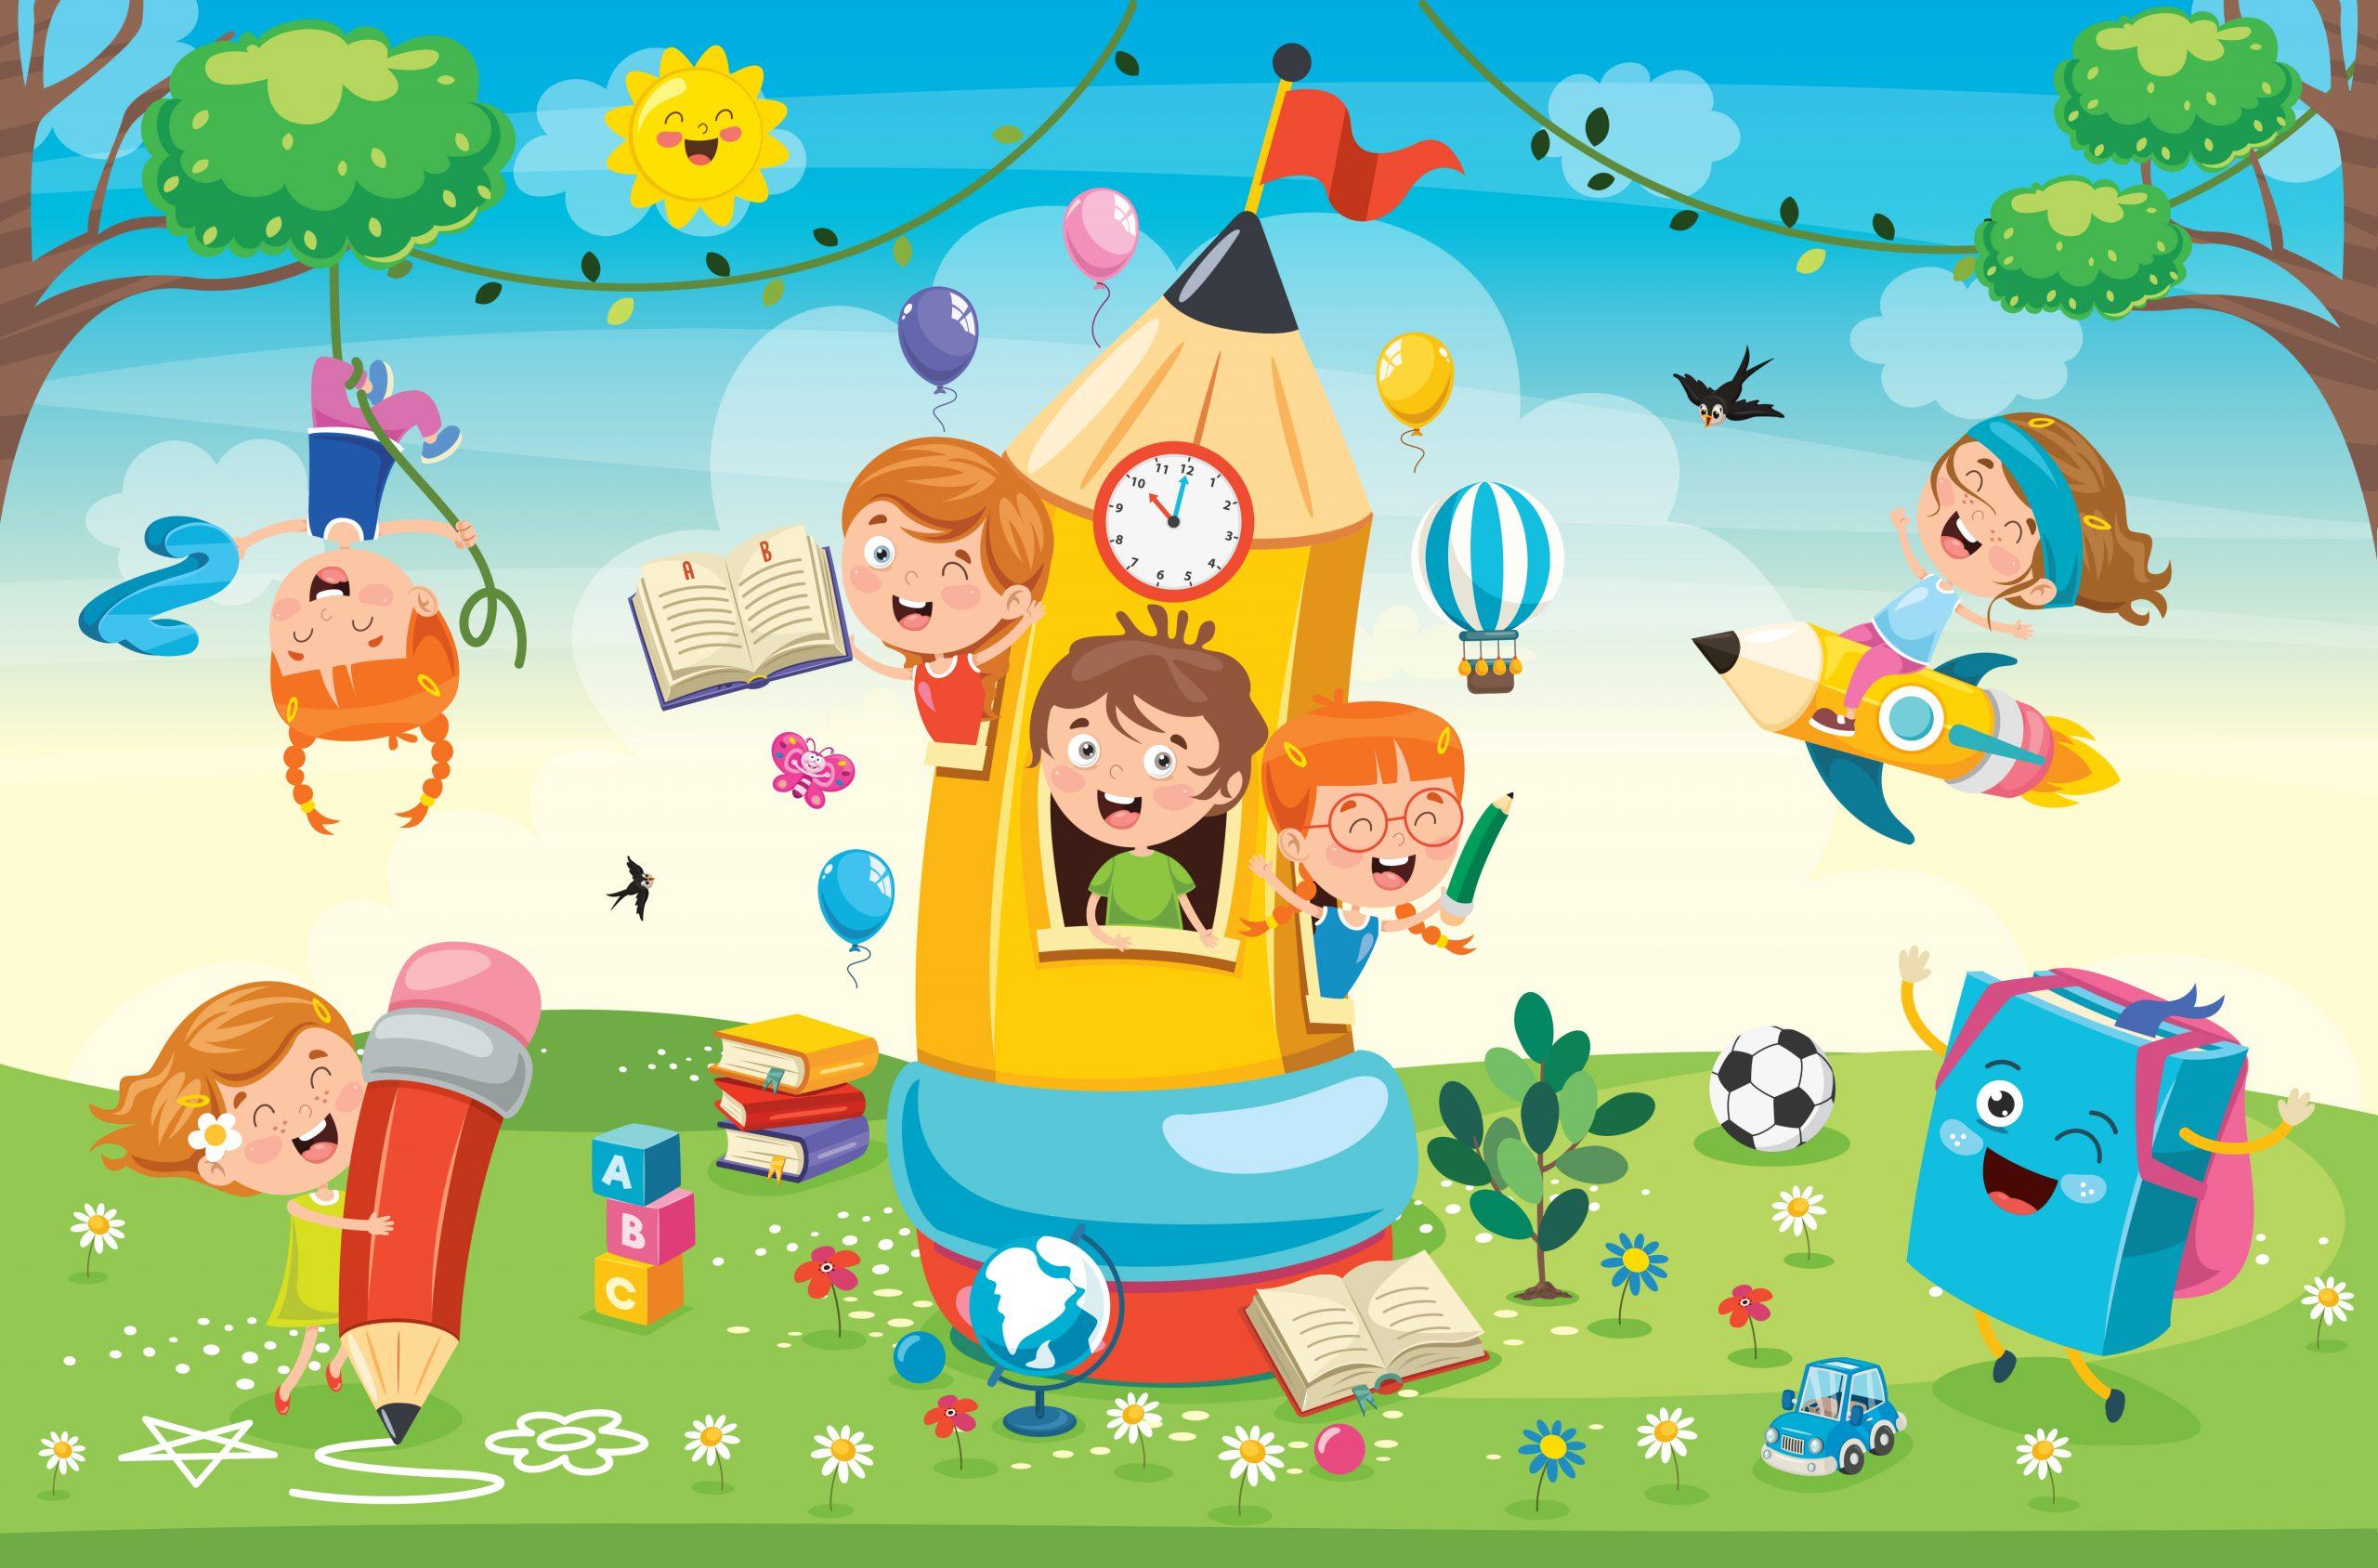 actividades de niños